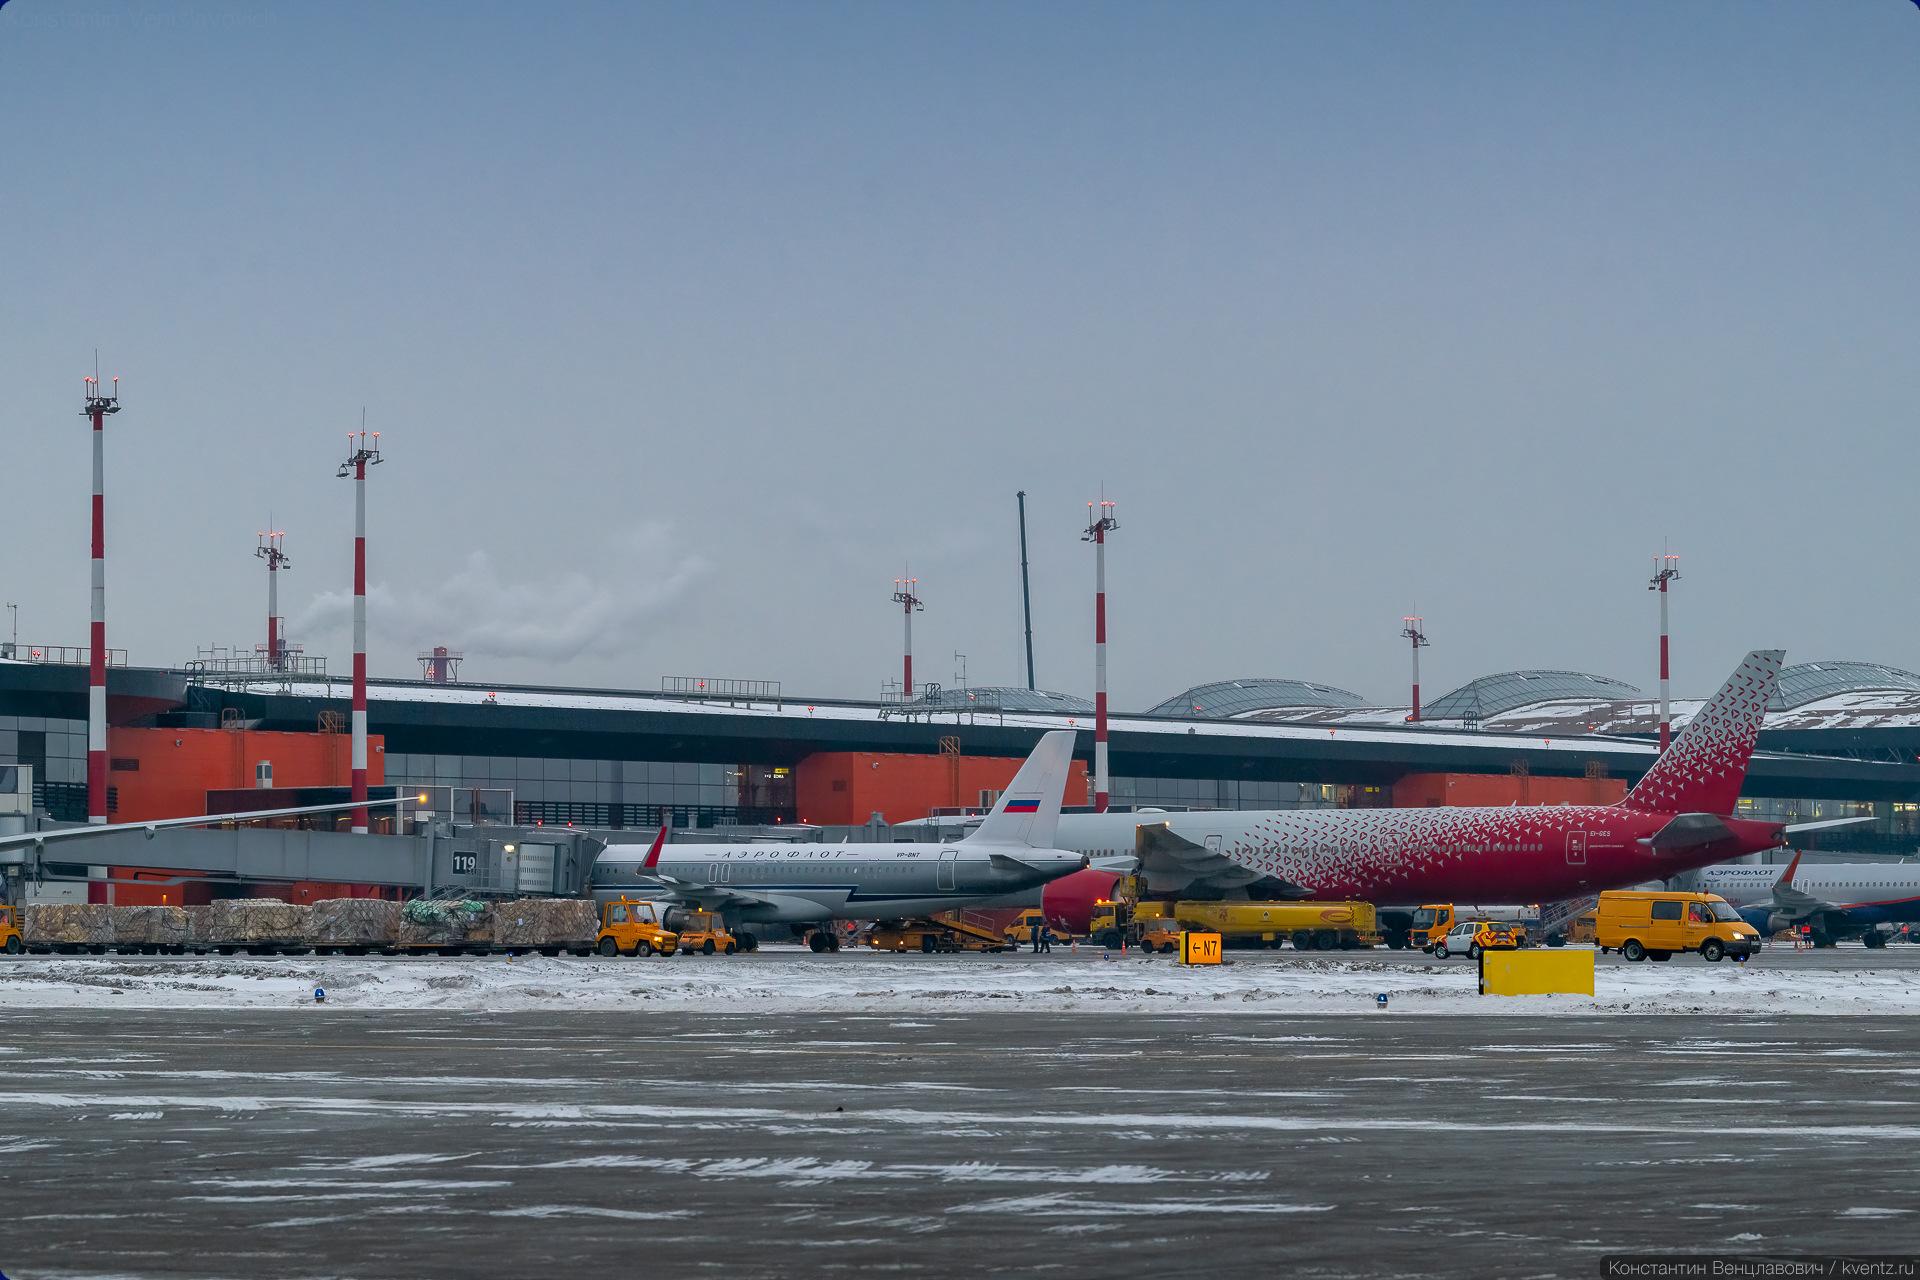 25. Слух быстро развеялся, когда стало понятно, что первый рейс будет в Санкт-Петербург, а ближайший есть только один — на «Добролёте» Airbus A320-200 VP-BNT.